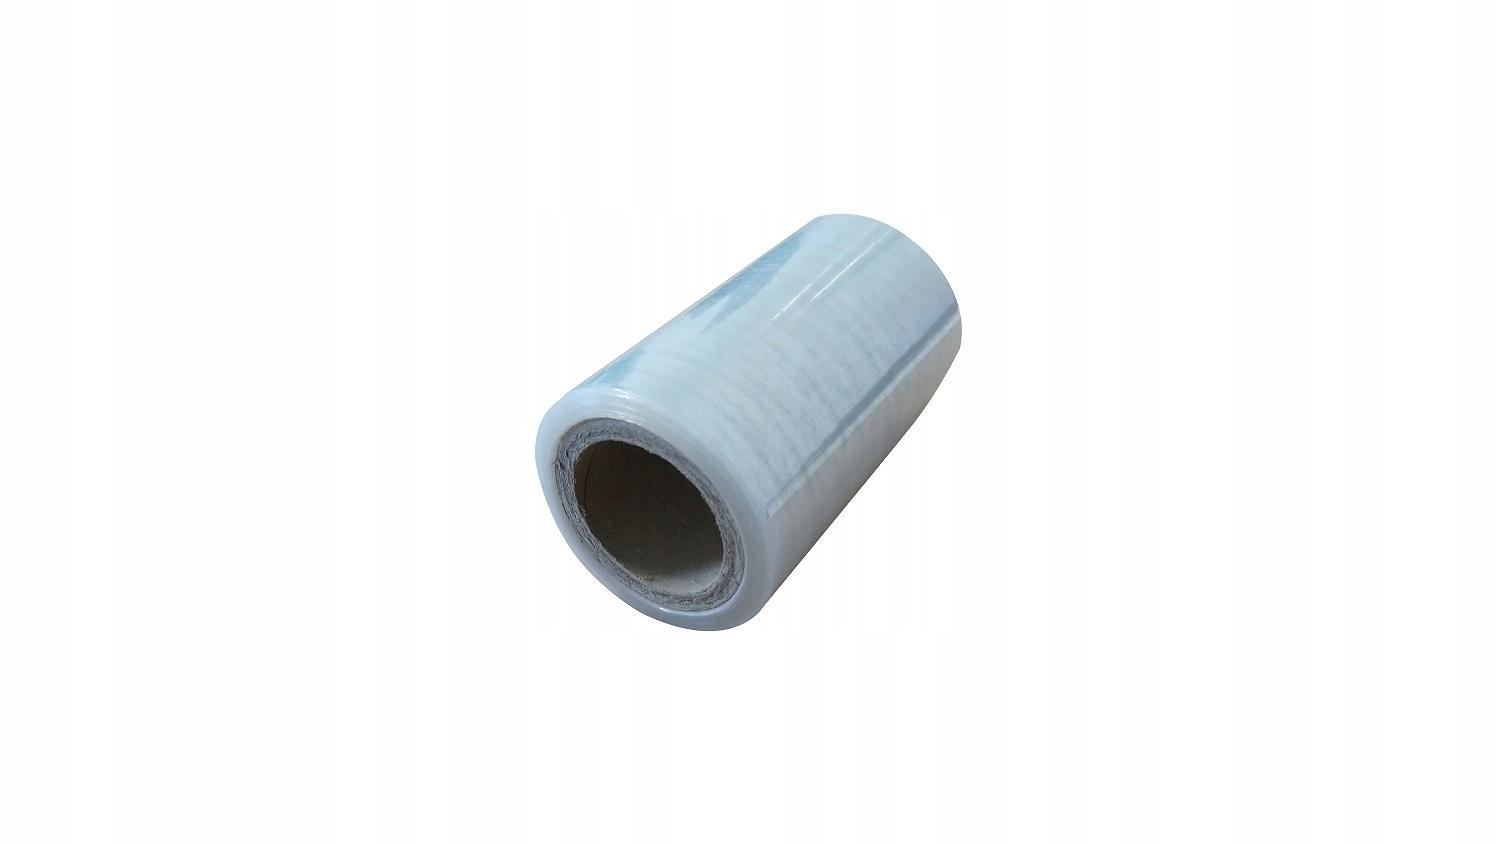 Стрейч пленка МИНИ-РЭП-0,15 кг, 10 см, прозрачный.FI38